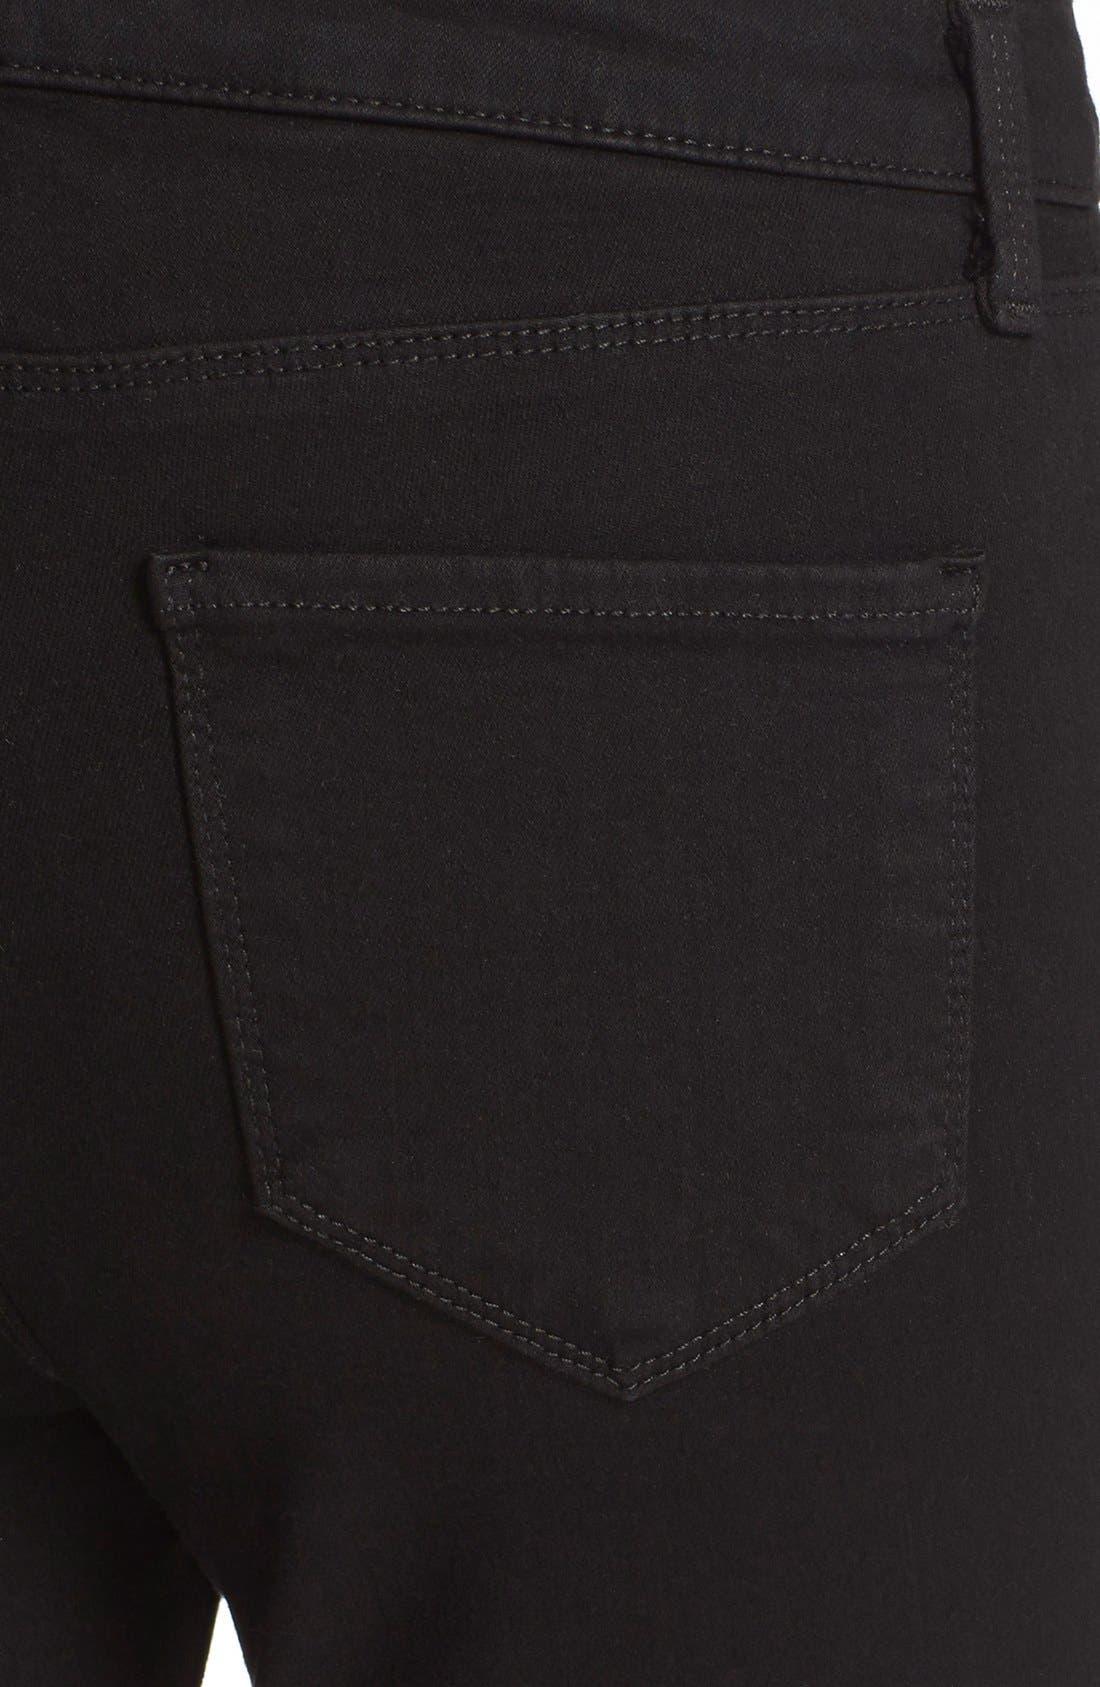 Margot High Waist Crop Jeans,                             Alternate thumbnail 4, color,                             Noir